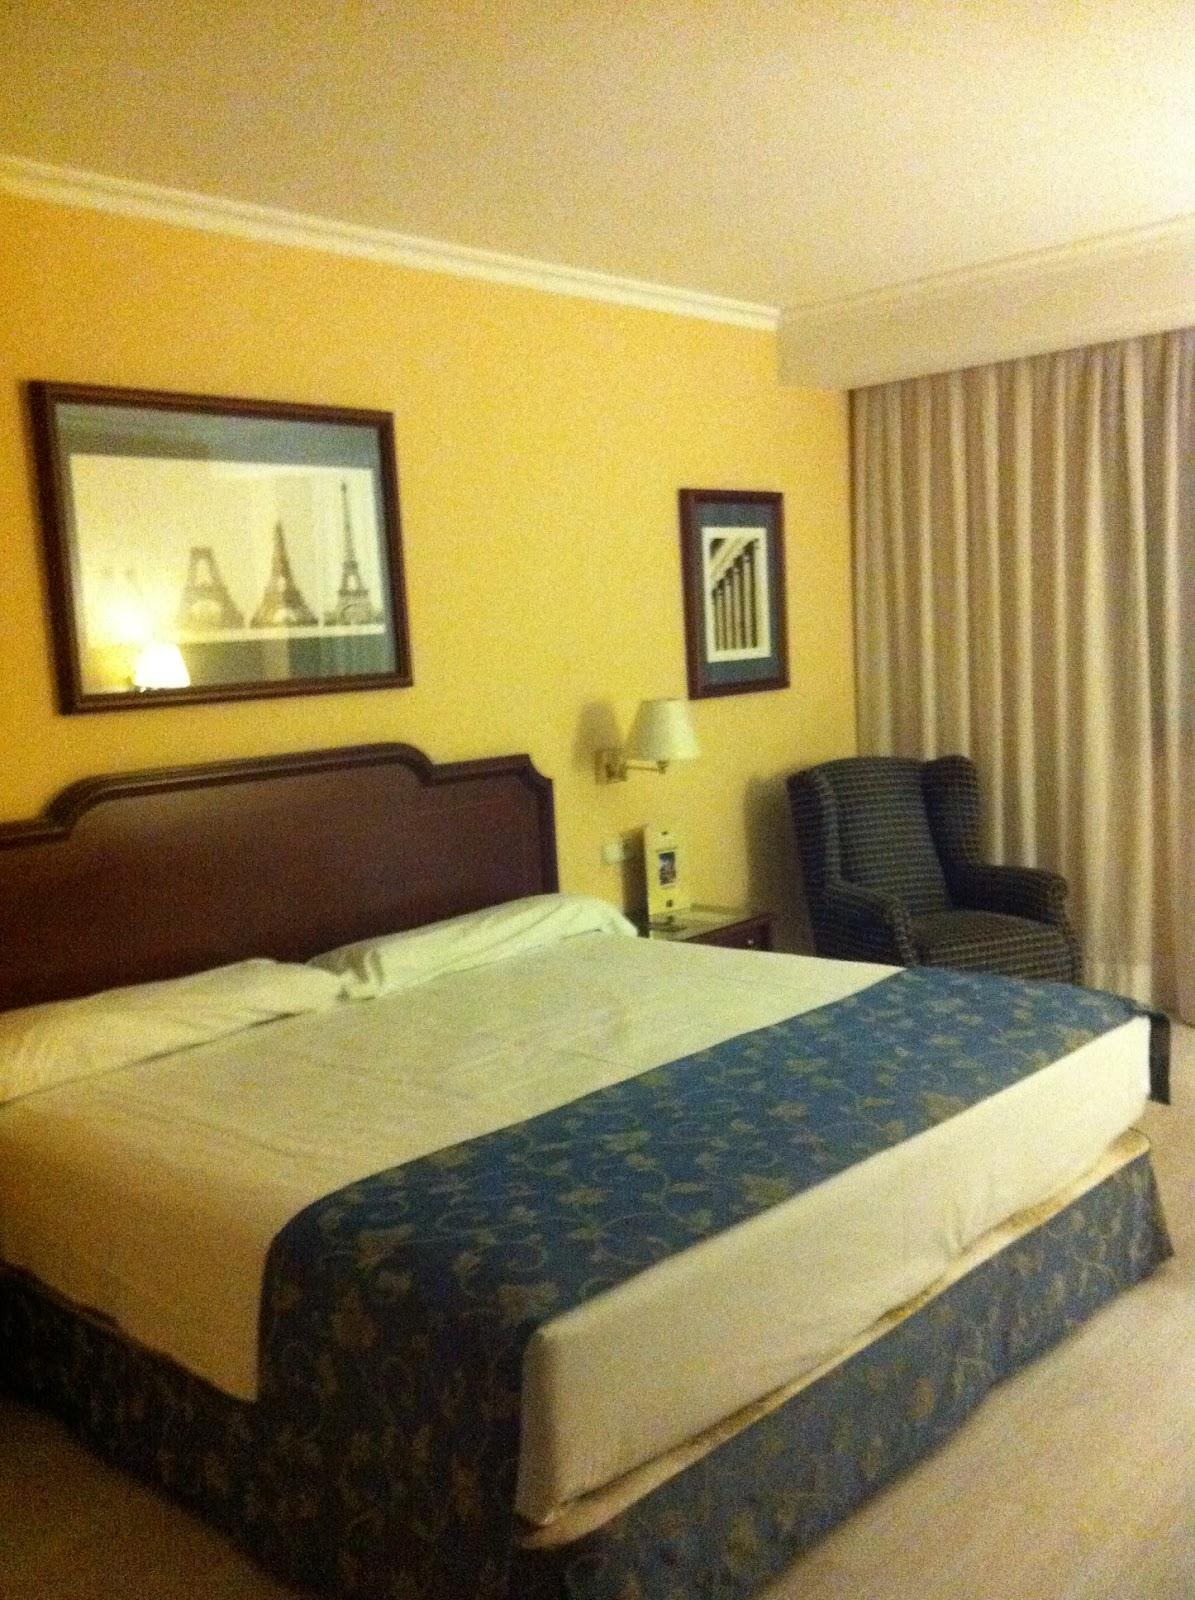 Recetario de viajes hotel auditorium madrid - Hotel mariscal madrid ...